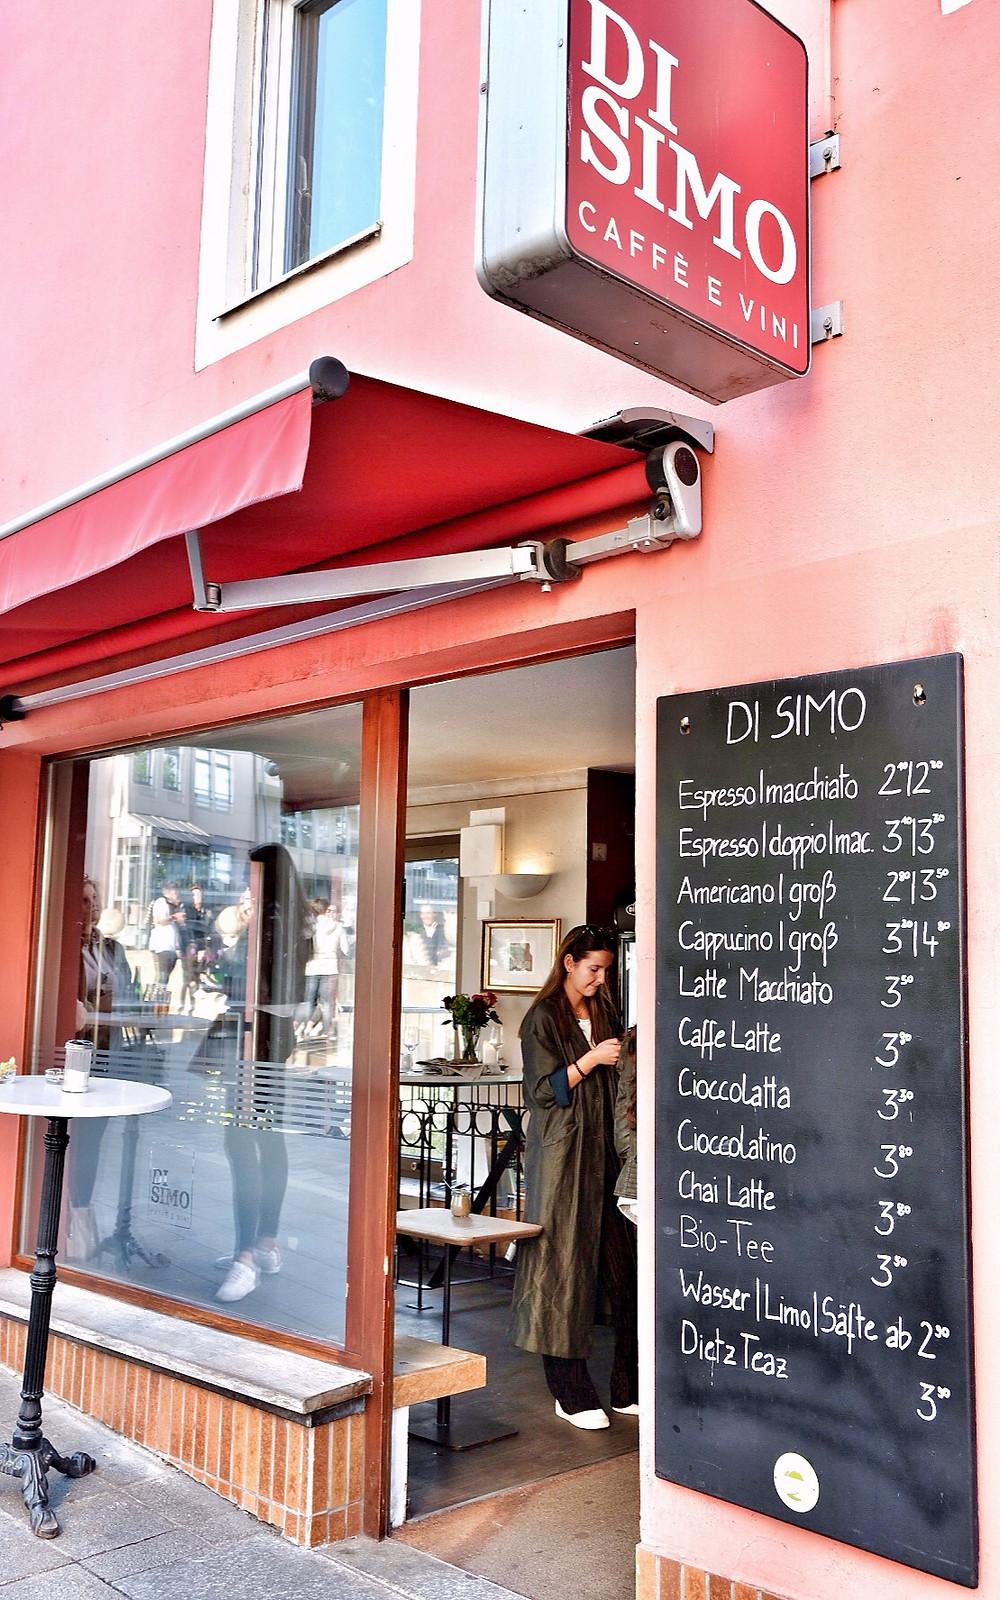 Di Simo Caffè e Vini, Nürnberg